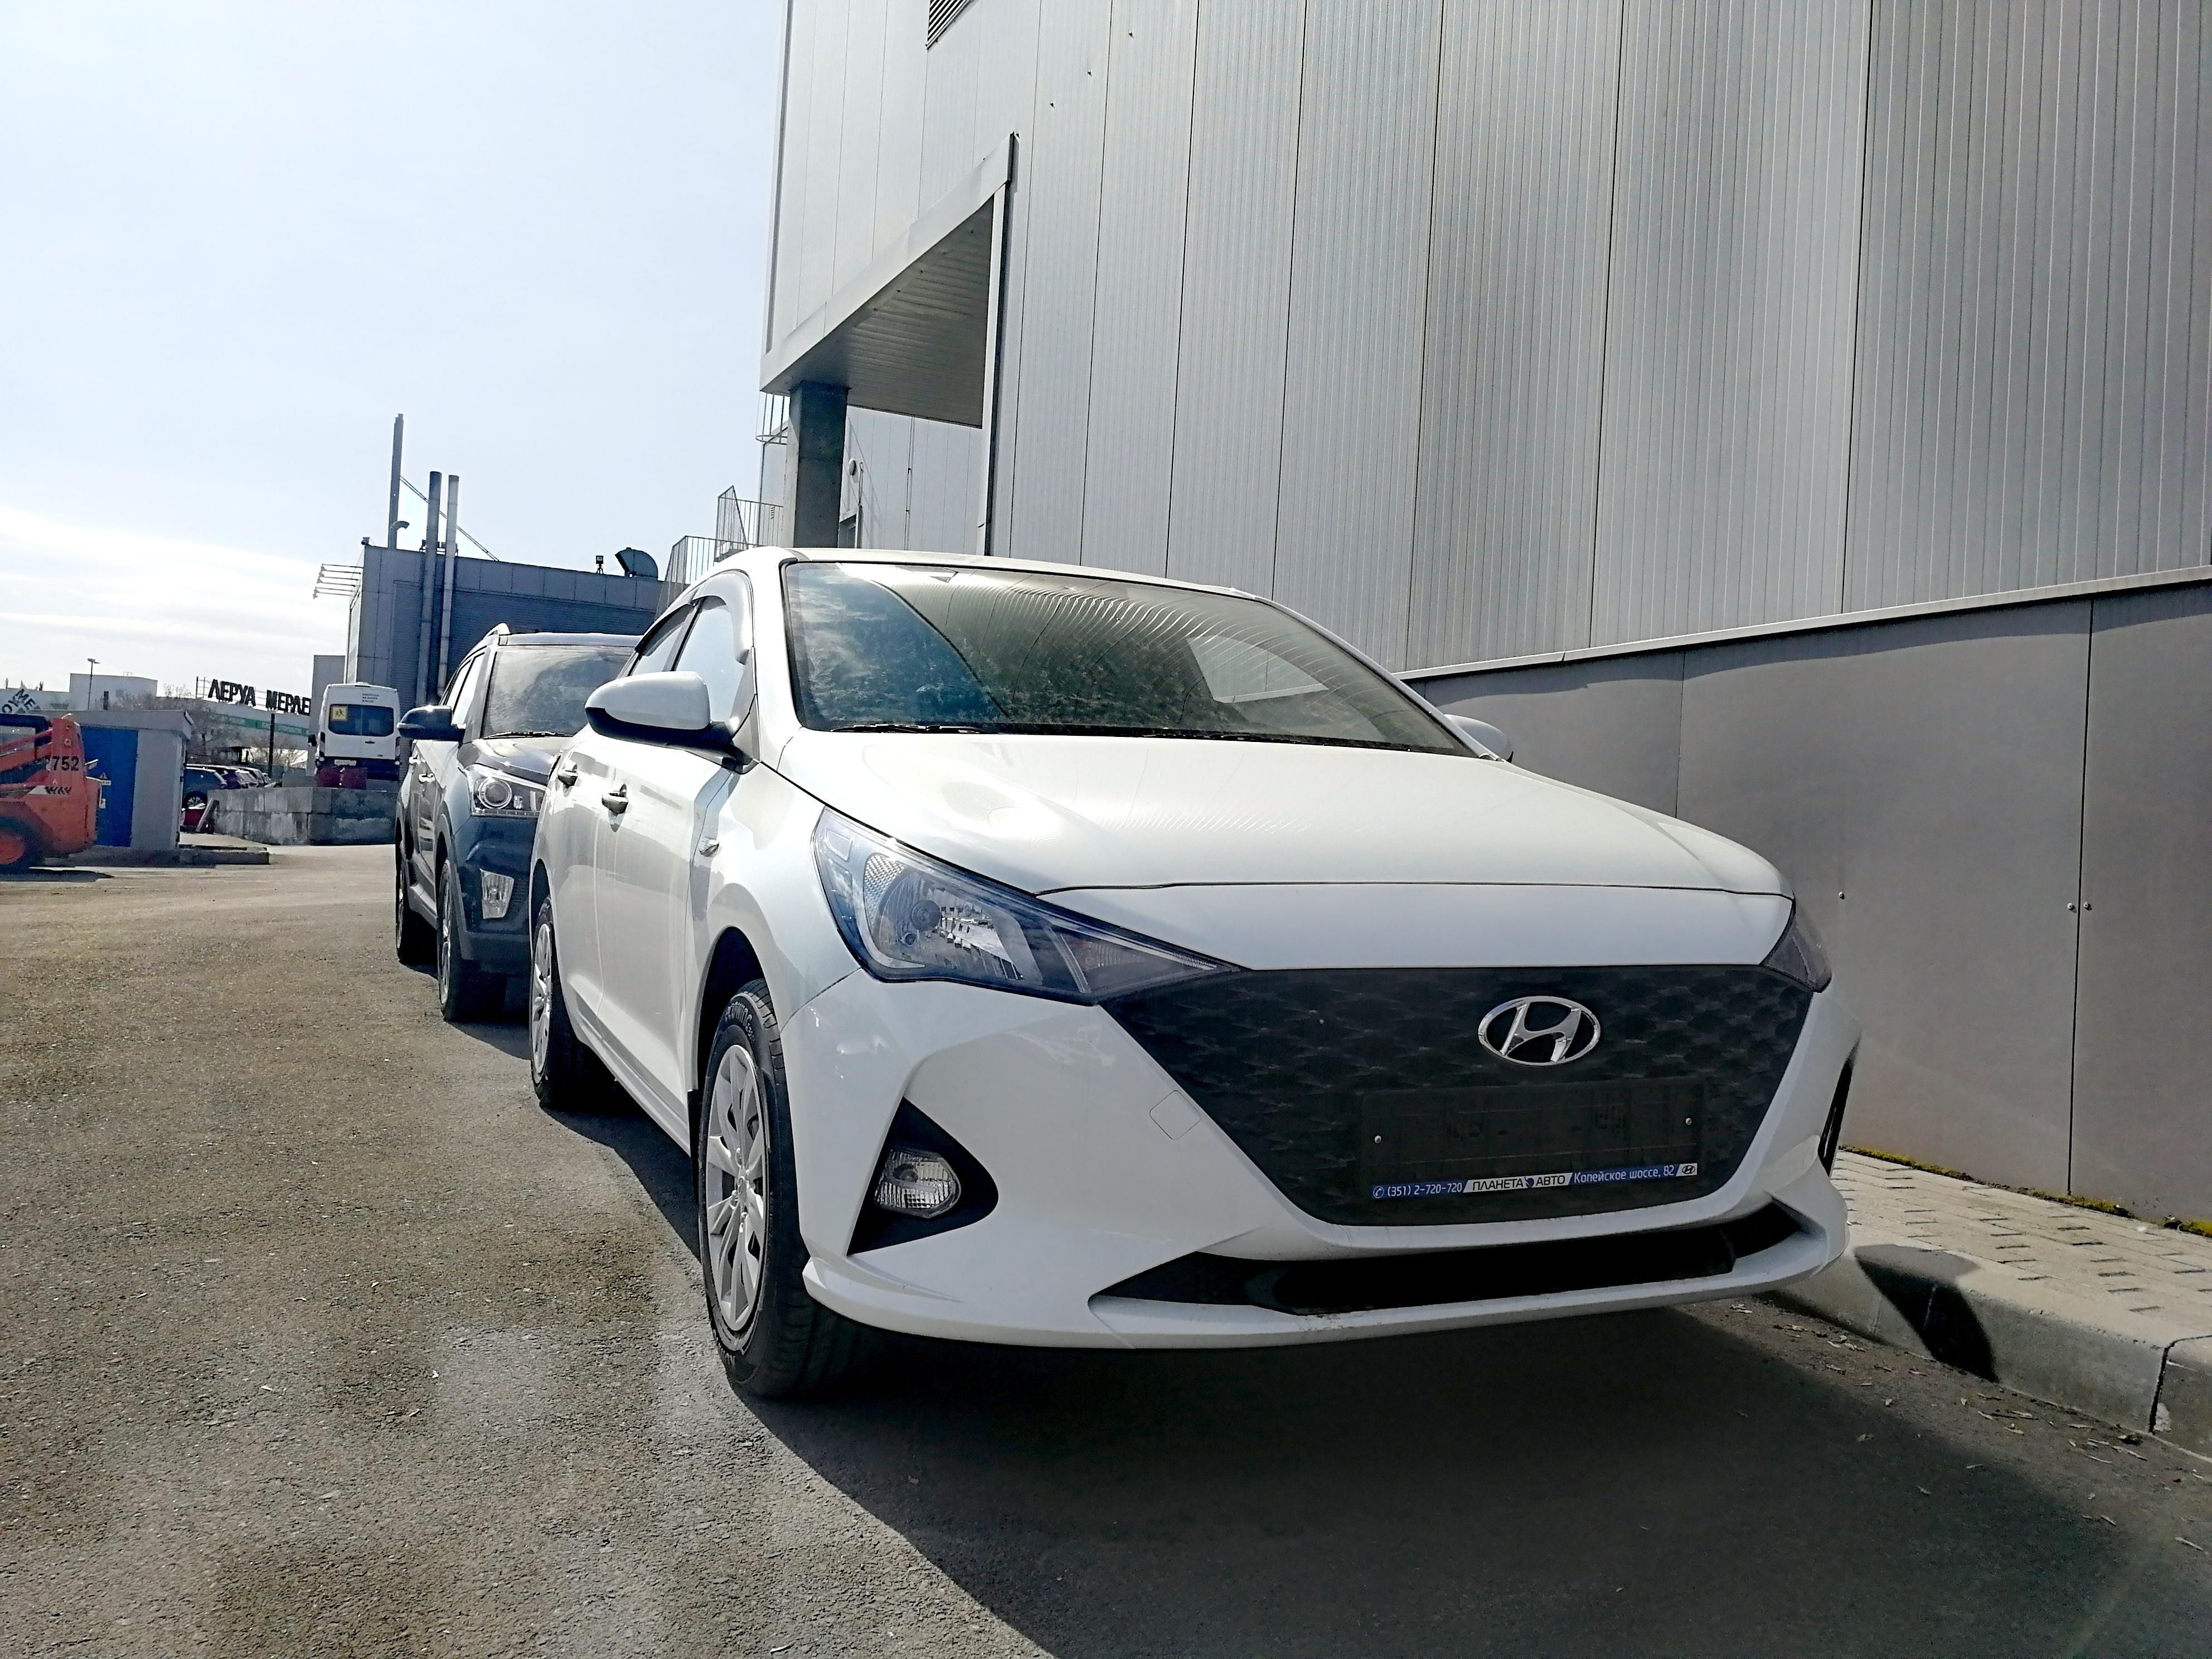 Hyundai Новый Solaris 1.6 MT (123 л.с.) Comfort